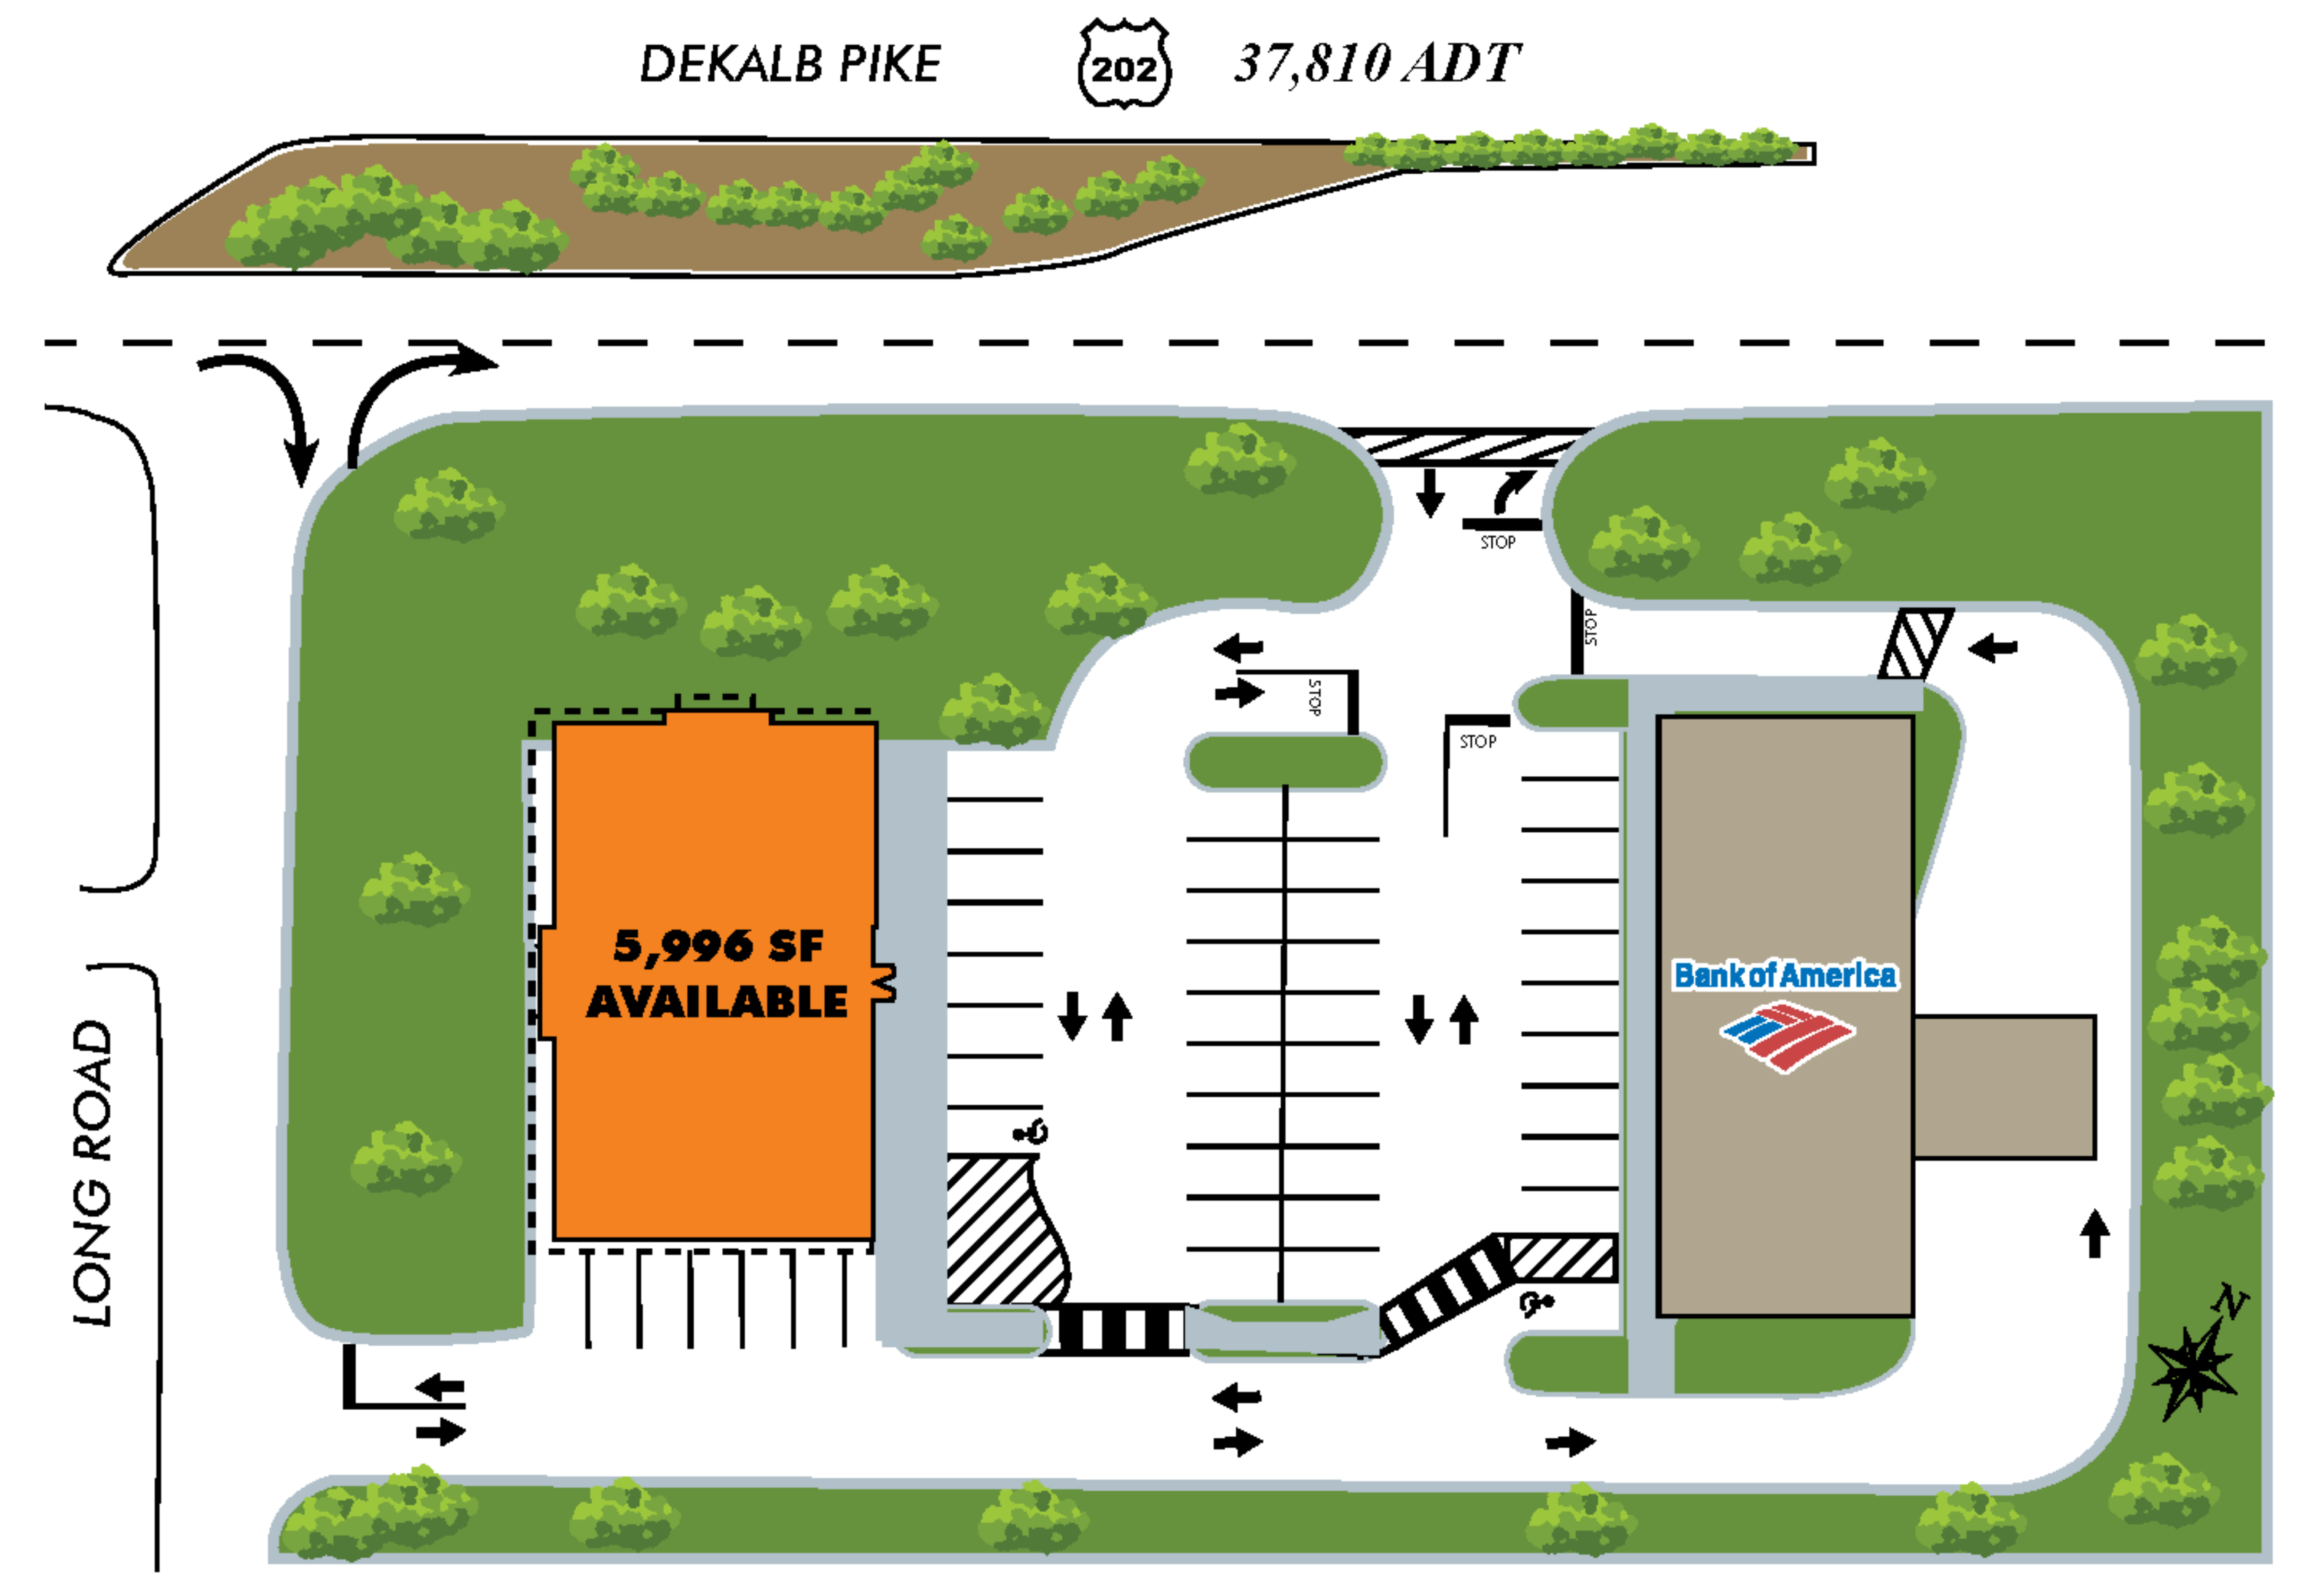 625 West Dekalb Pike: site plan